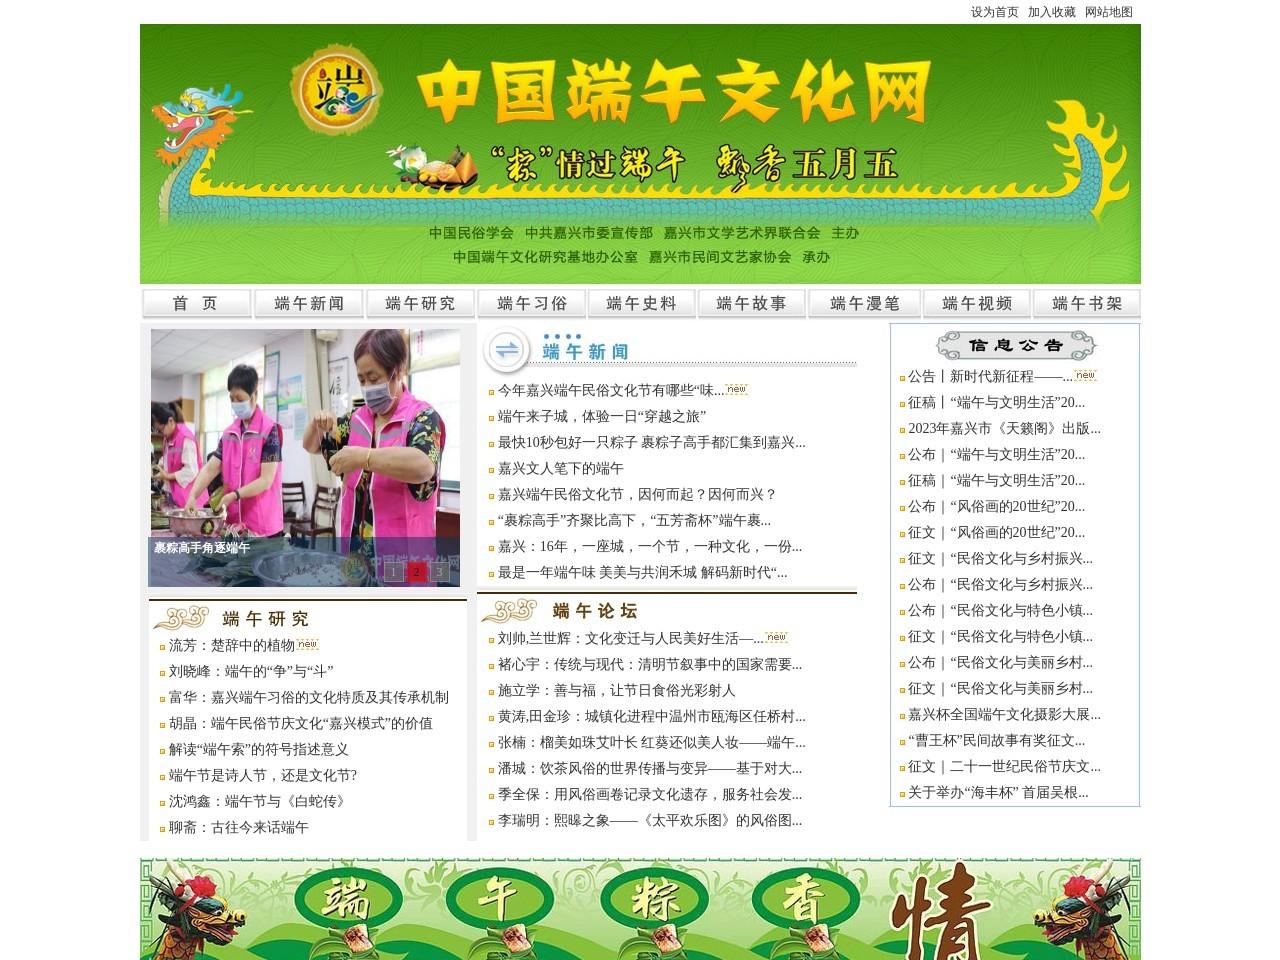 中国端午文化网